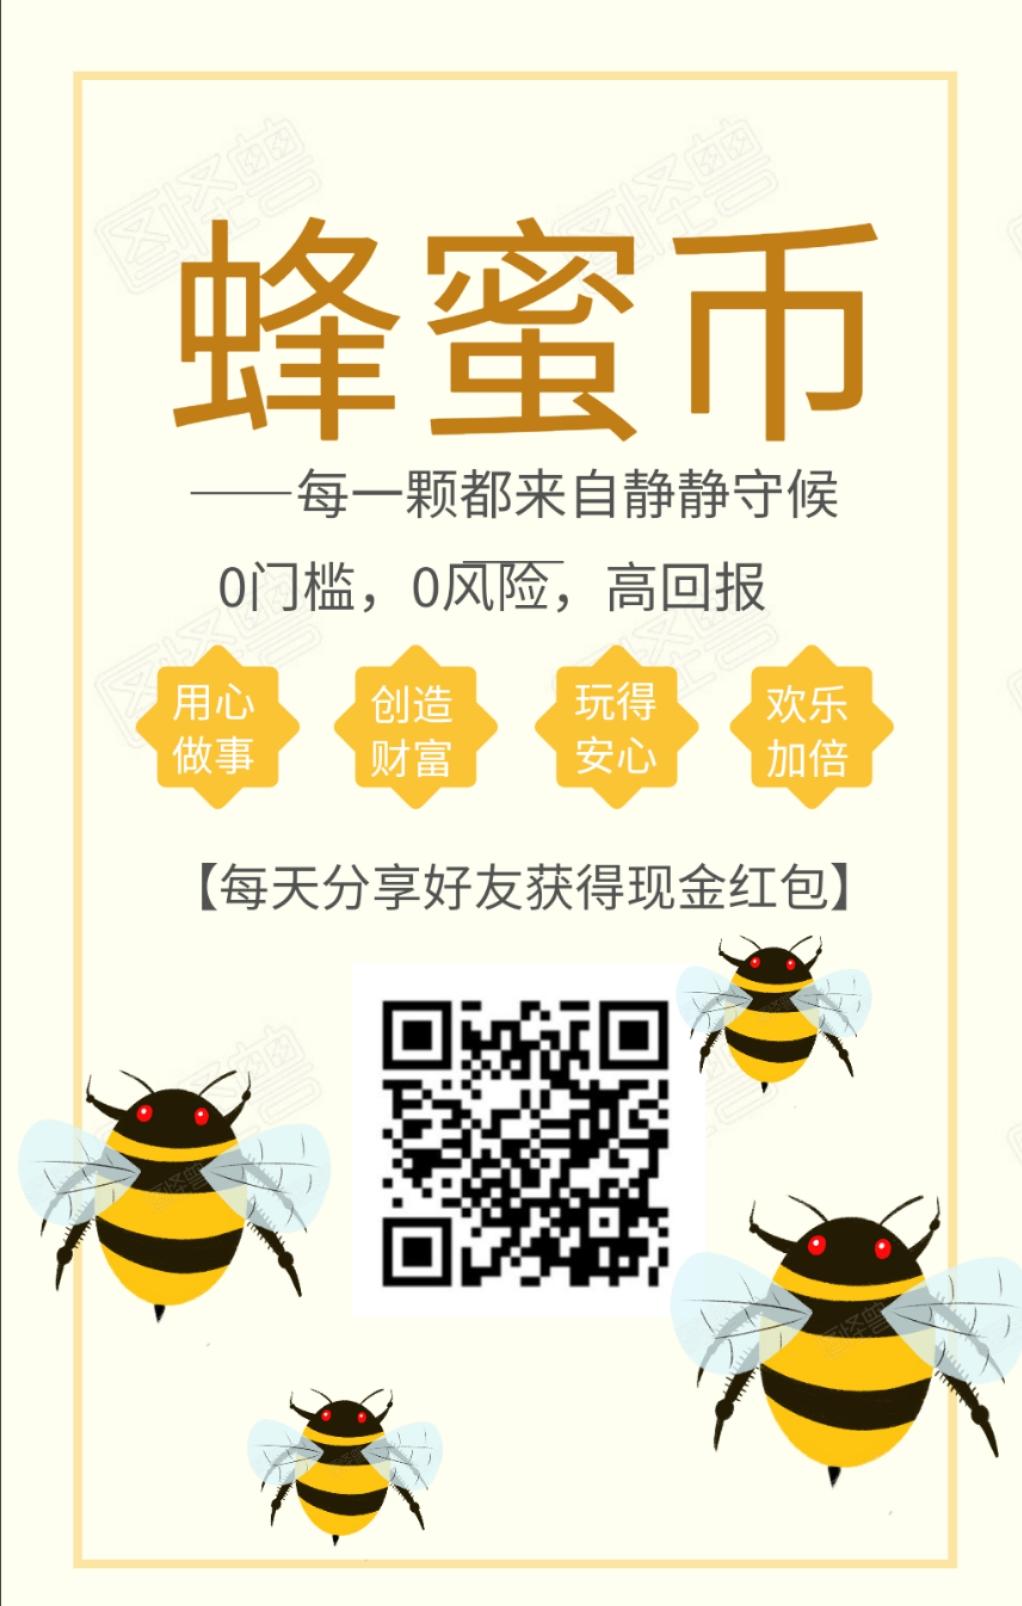 图片[2]-【蜜蜂币】预热锁粉阶段,提前推广布局,欢乐翻倍!-首码社